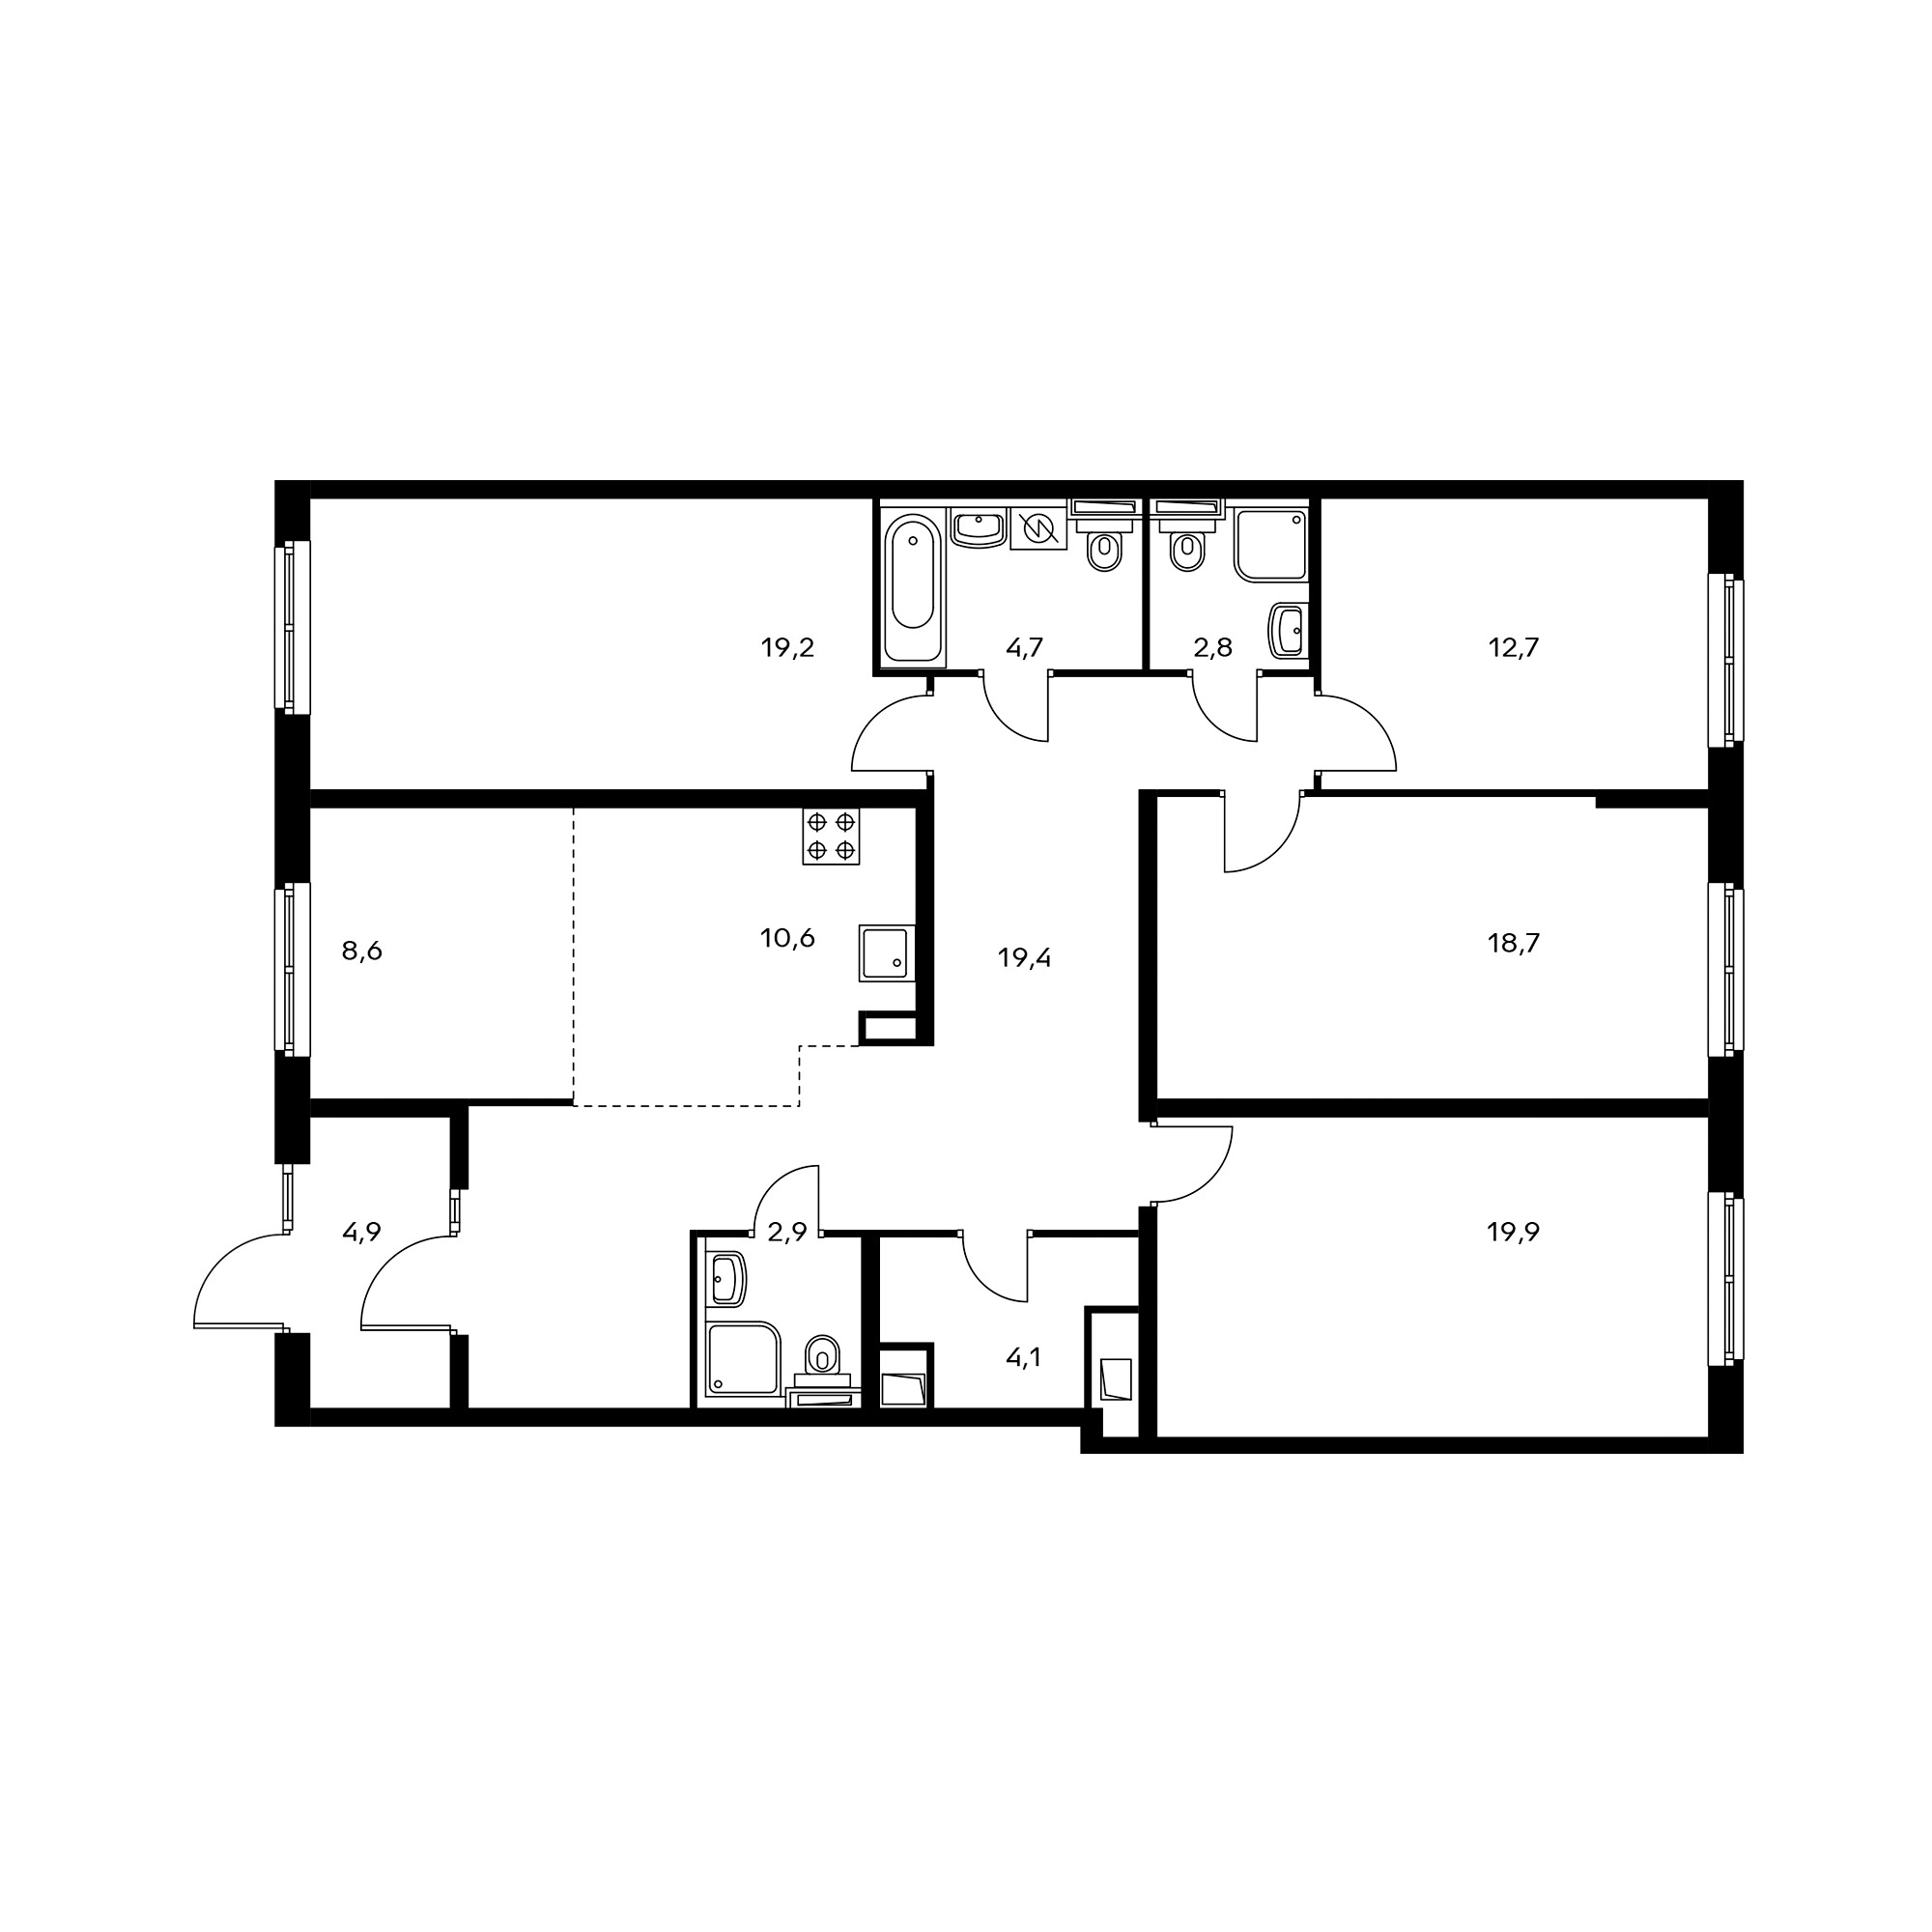 5-комнатная 135.8 м²